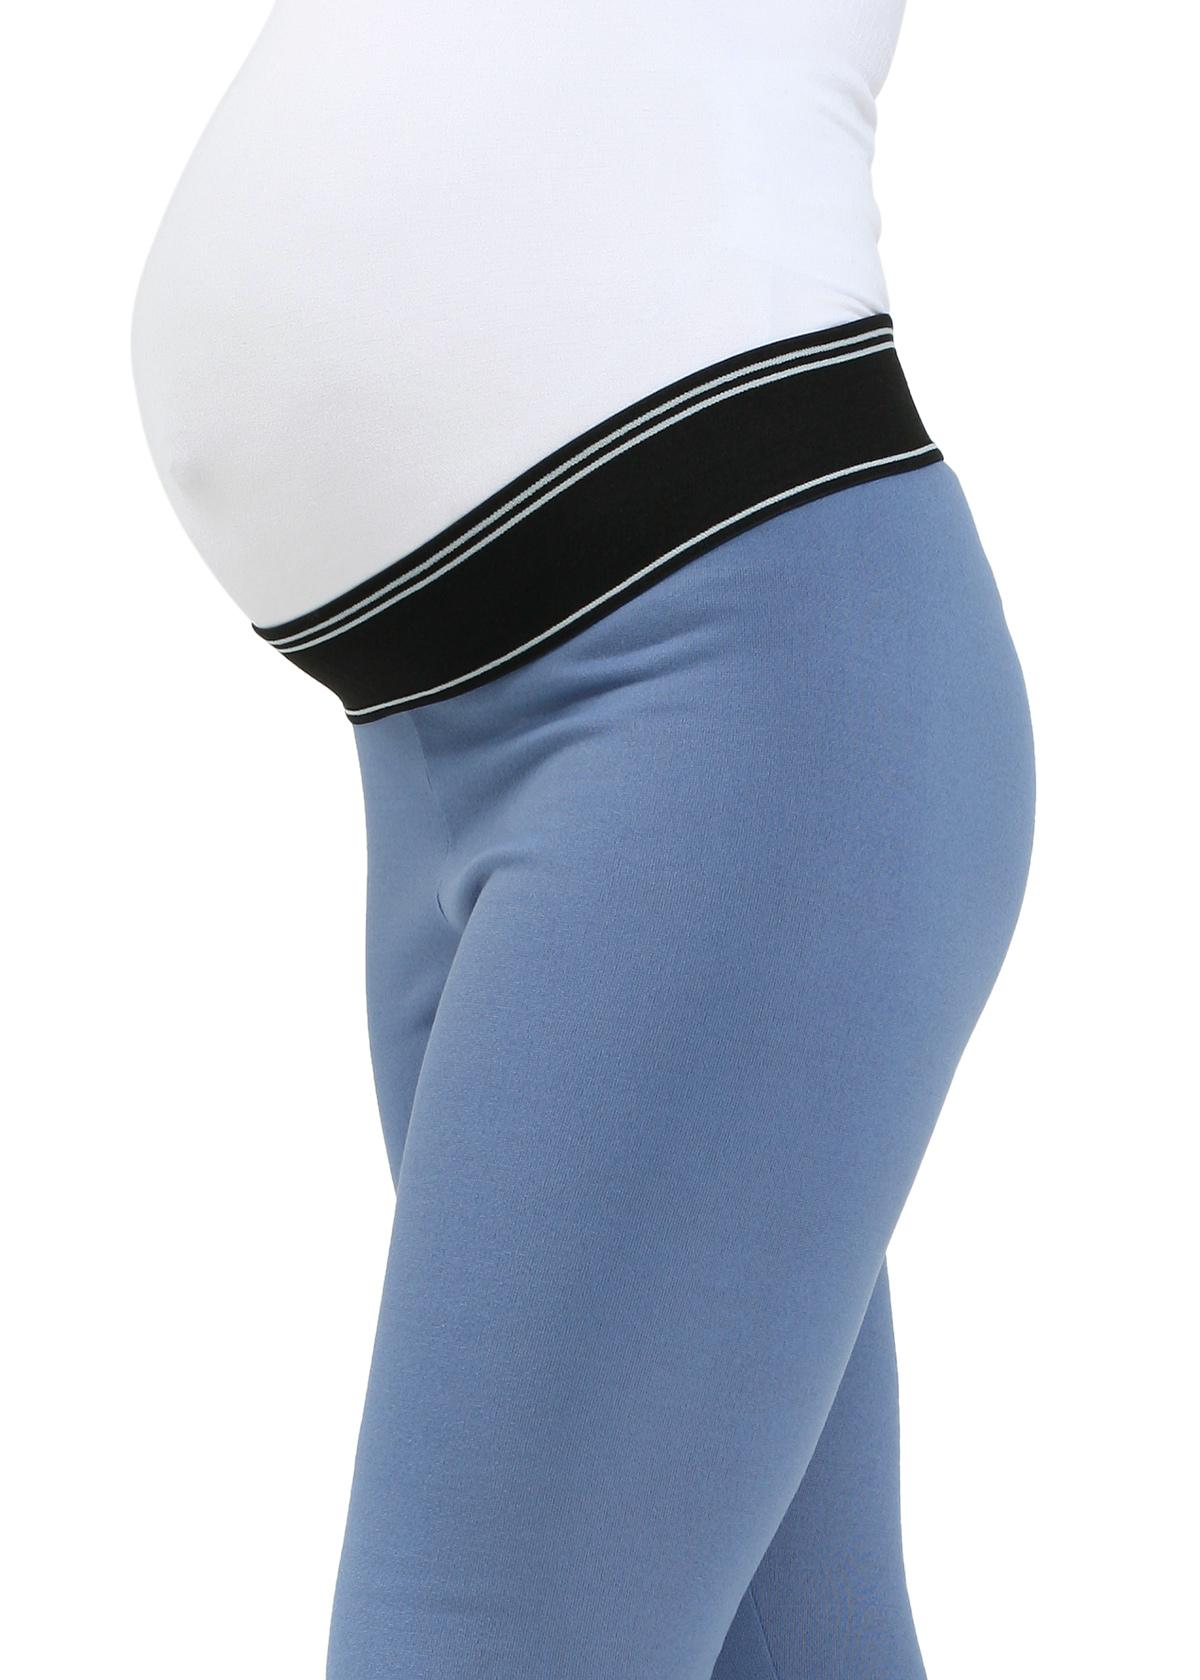 Размер брюк м